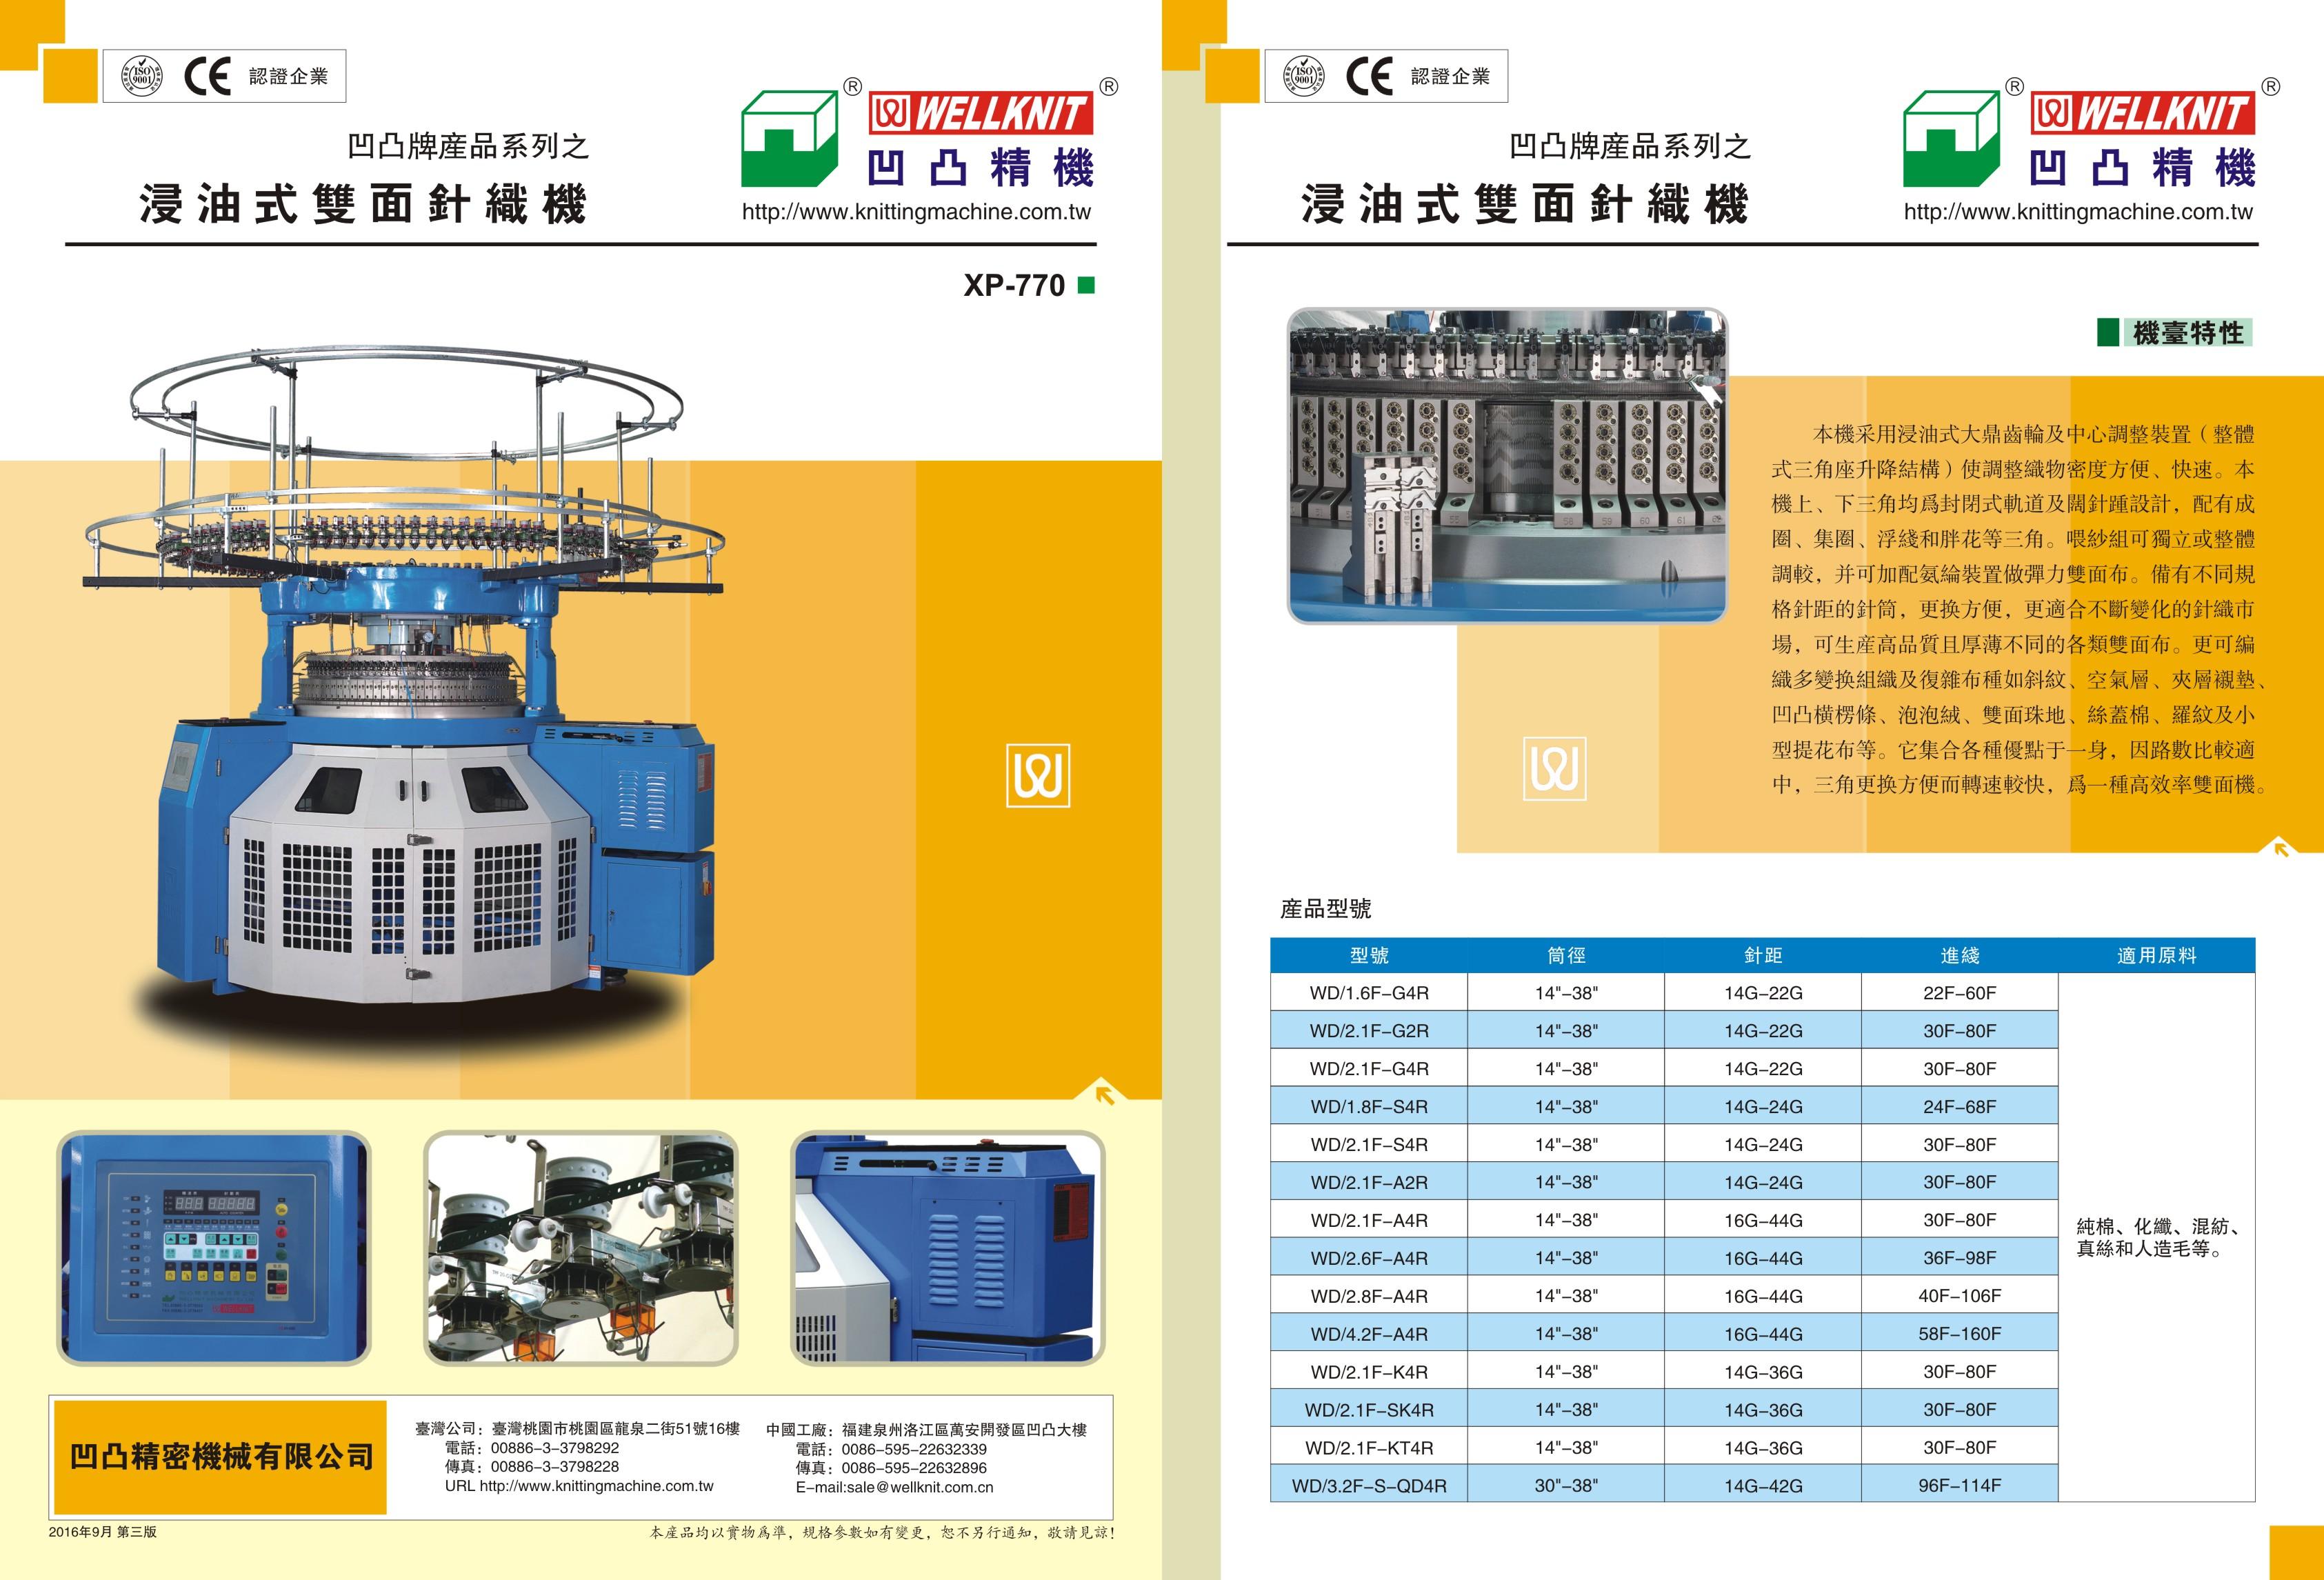 2-1浸油式双面机201505中文.jpg